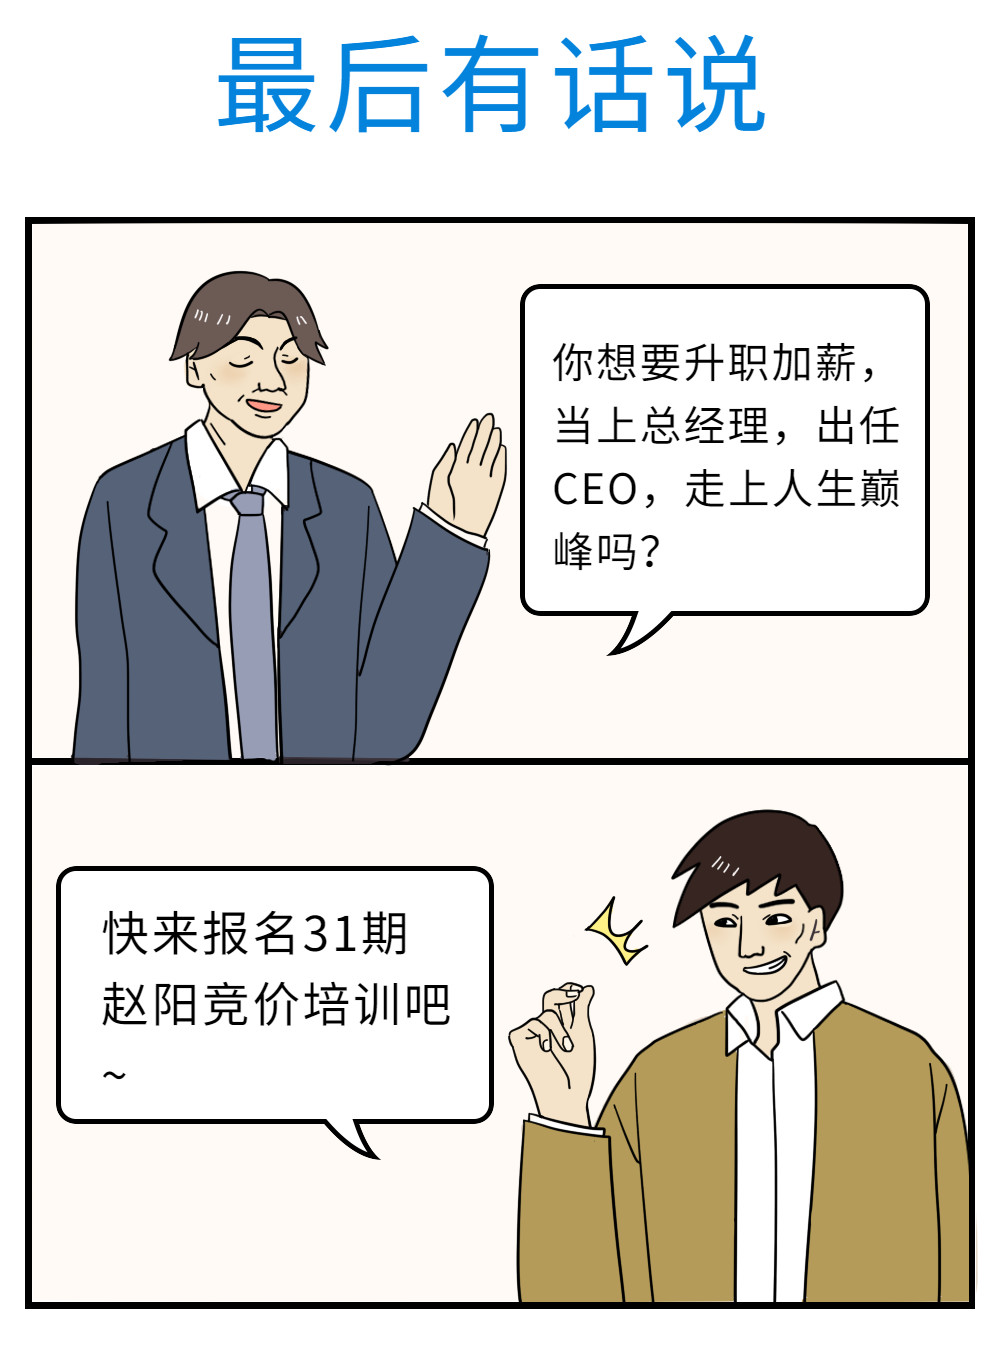 竞价推广平台